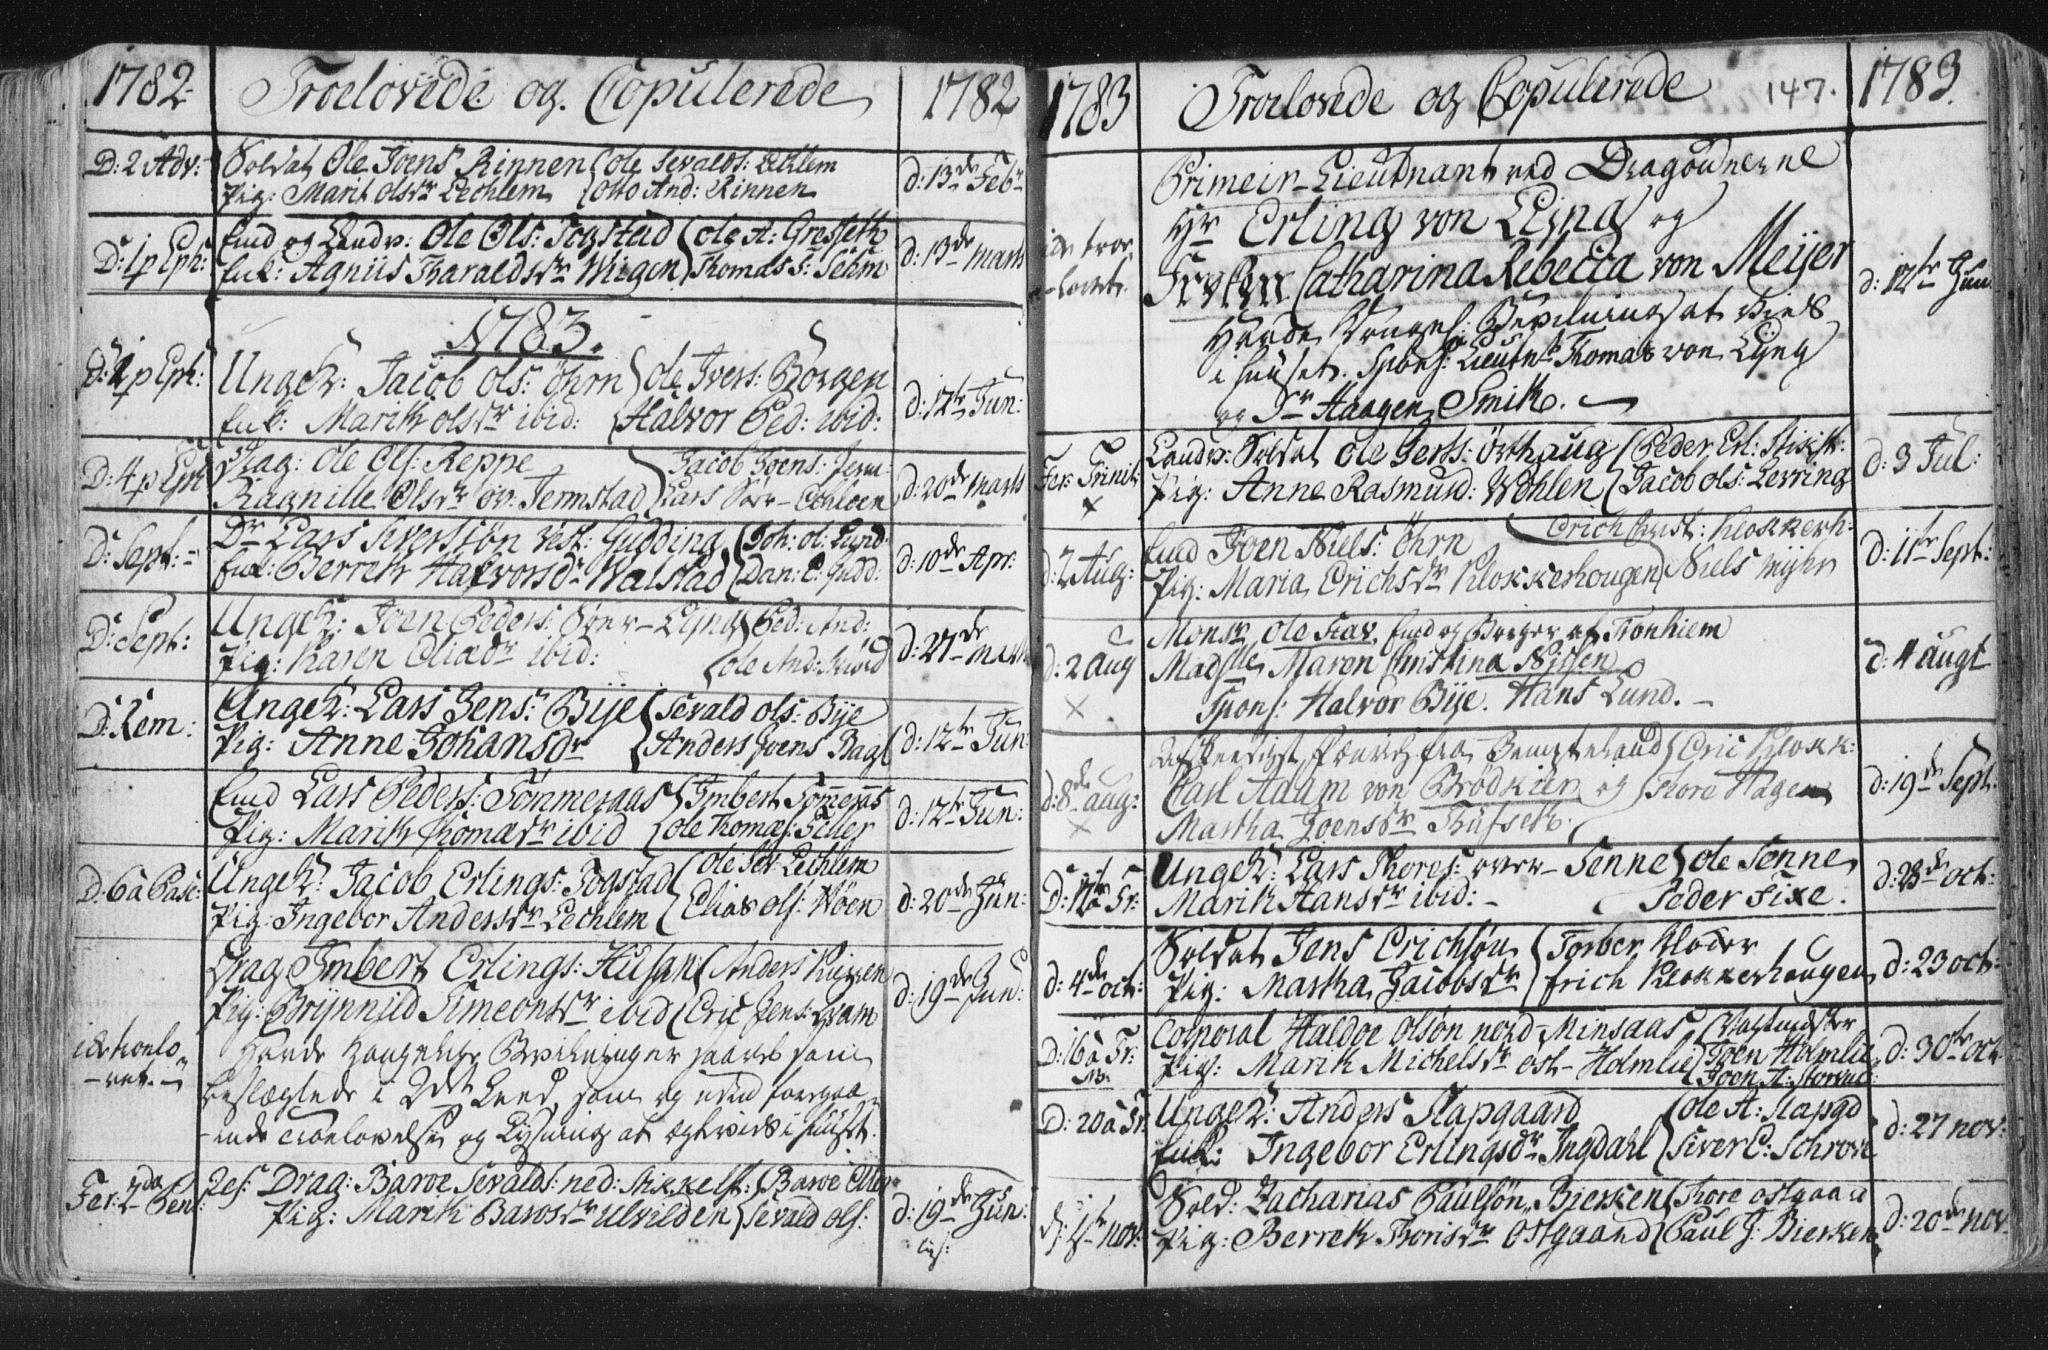 SAT, Ministerialprotokoller, klokkerbøker og fødselsregistre - Nord-Trøndelag, 723/L0232: Ministerialbok nr. 723A03, 1781-1804, s. 147